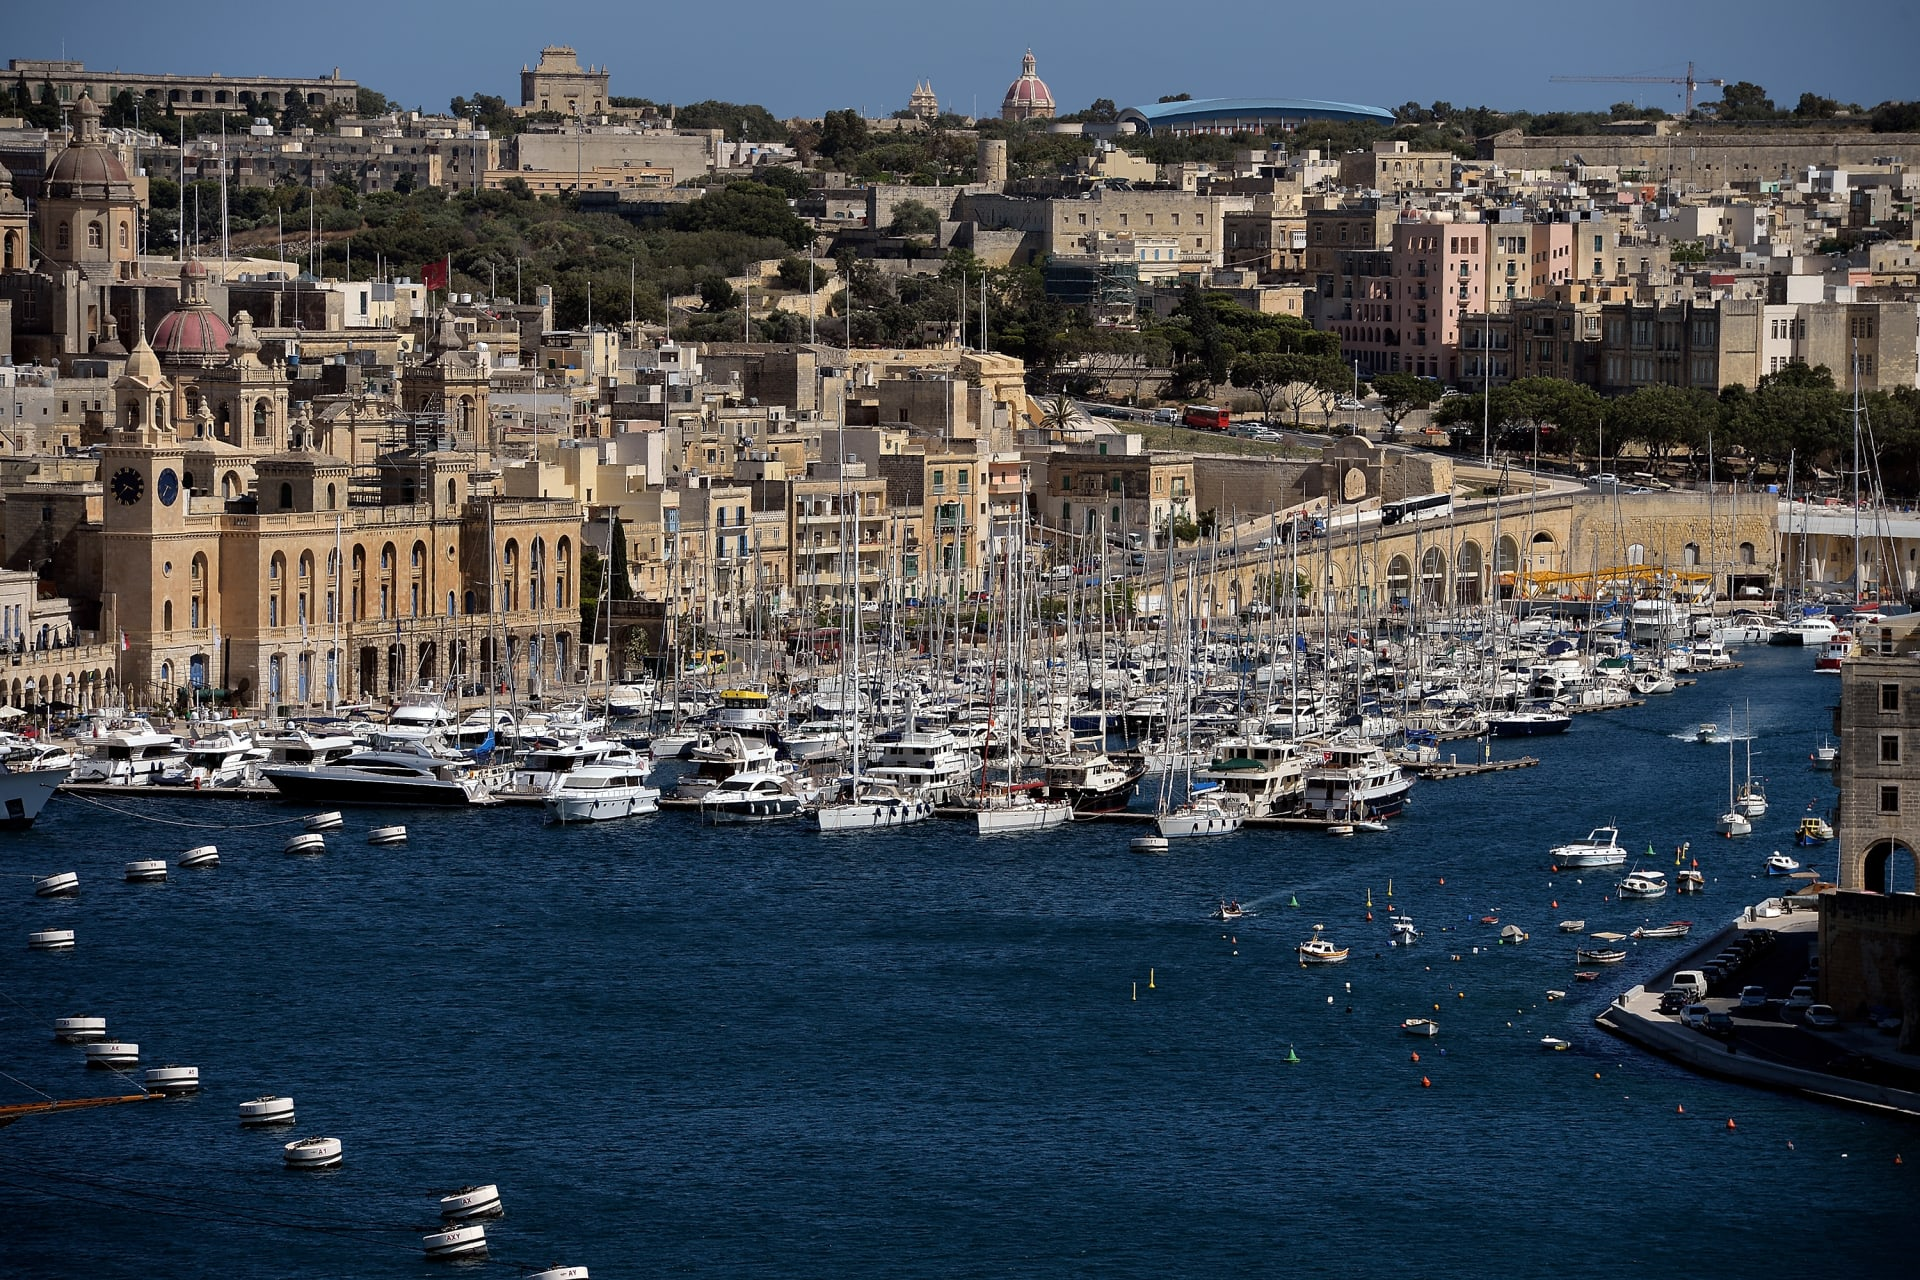 أفضل وأرخص عشر مدن أوروبية لشراء العقارات الآن